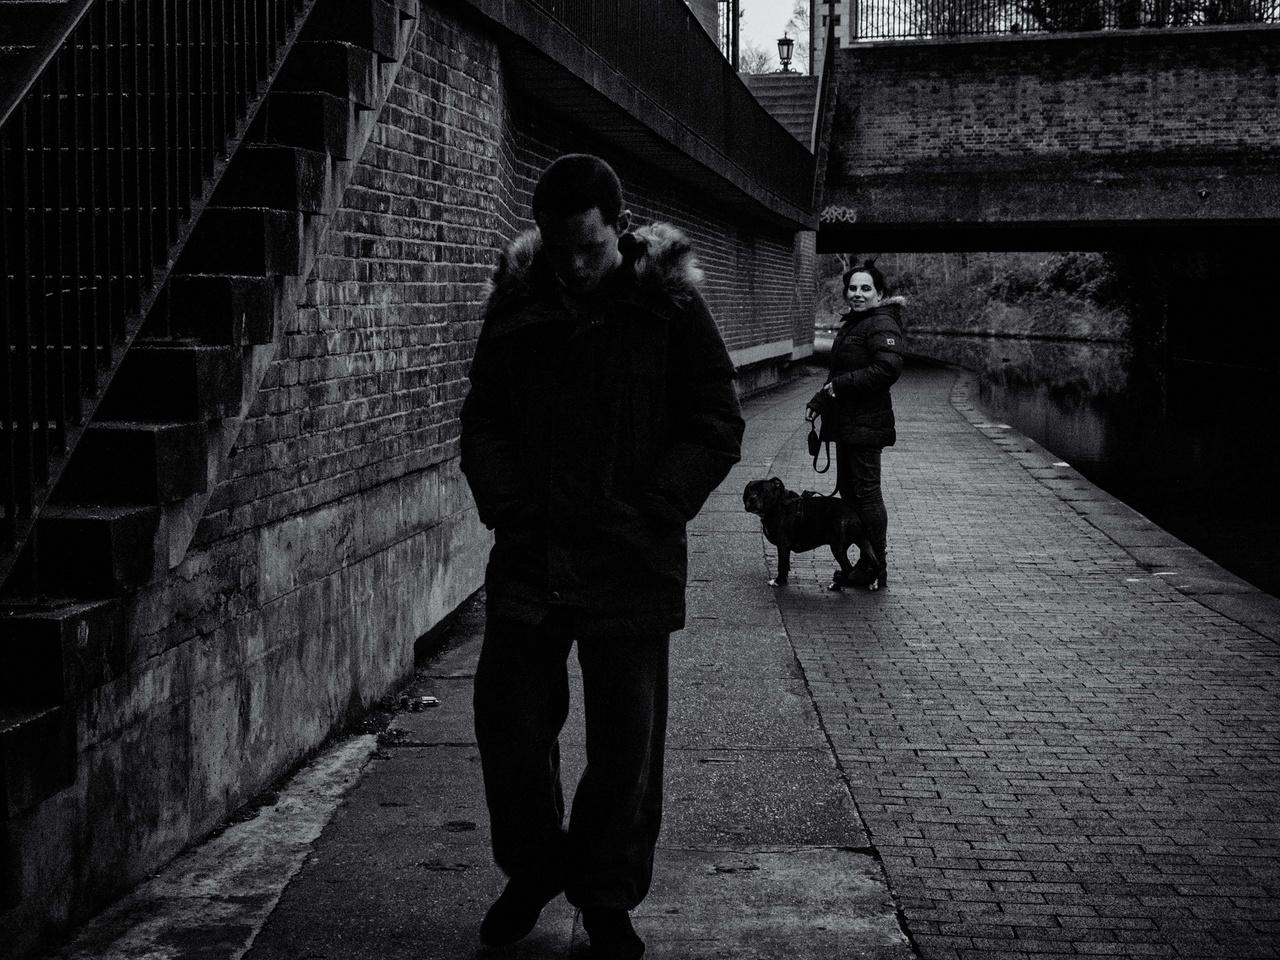 Tracey 18 éves fiával, Jamesel sétál a Regents csatorna mentén. Mivel fia súlyosan autista, egy pillanatra sem hagyhatja magára.